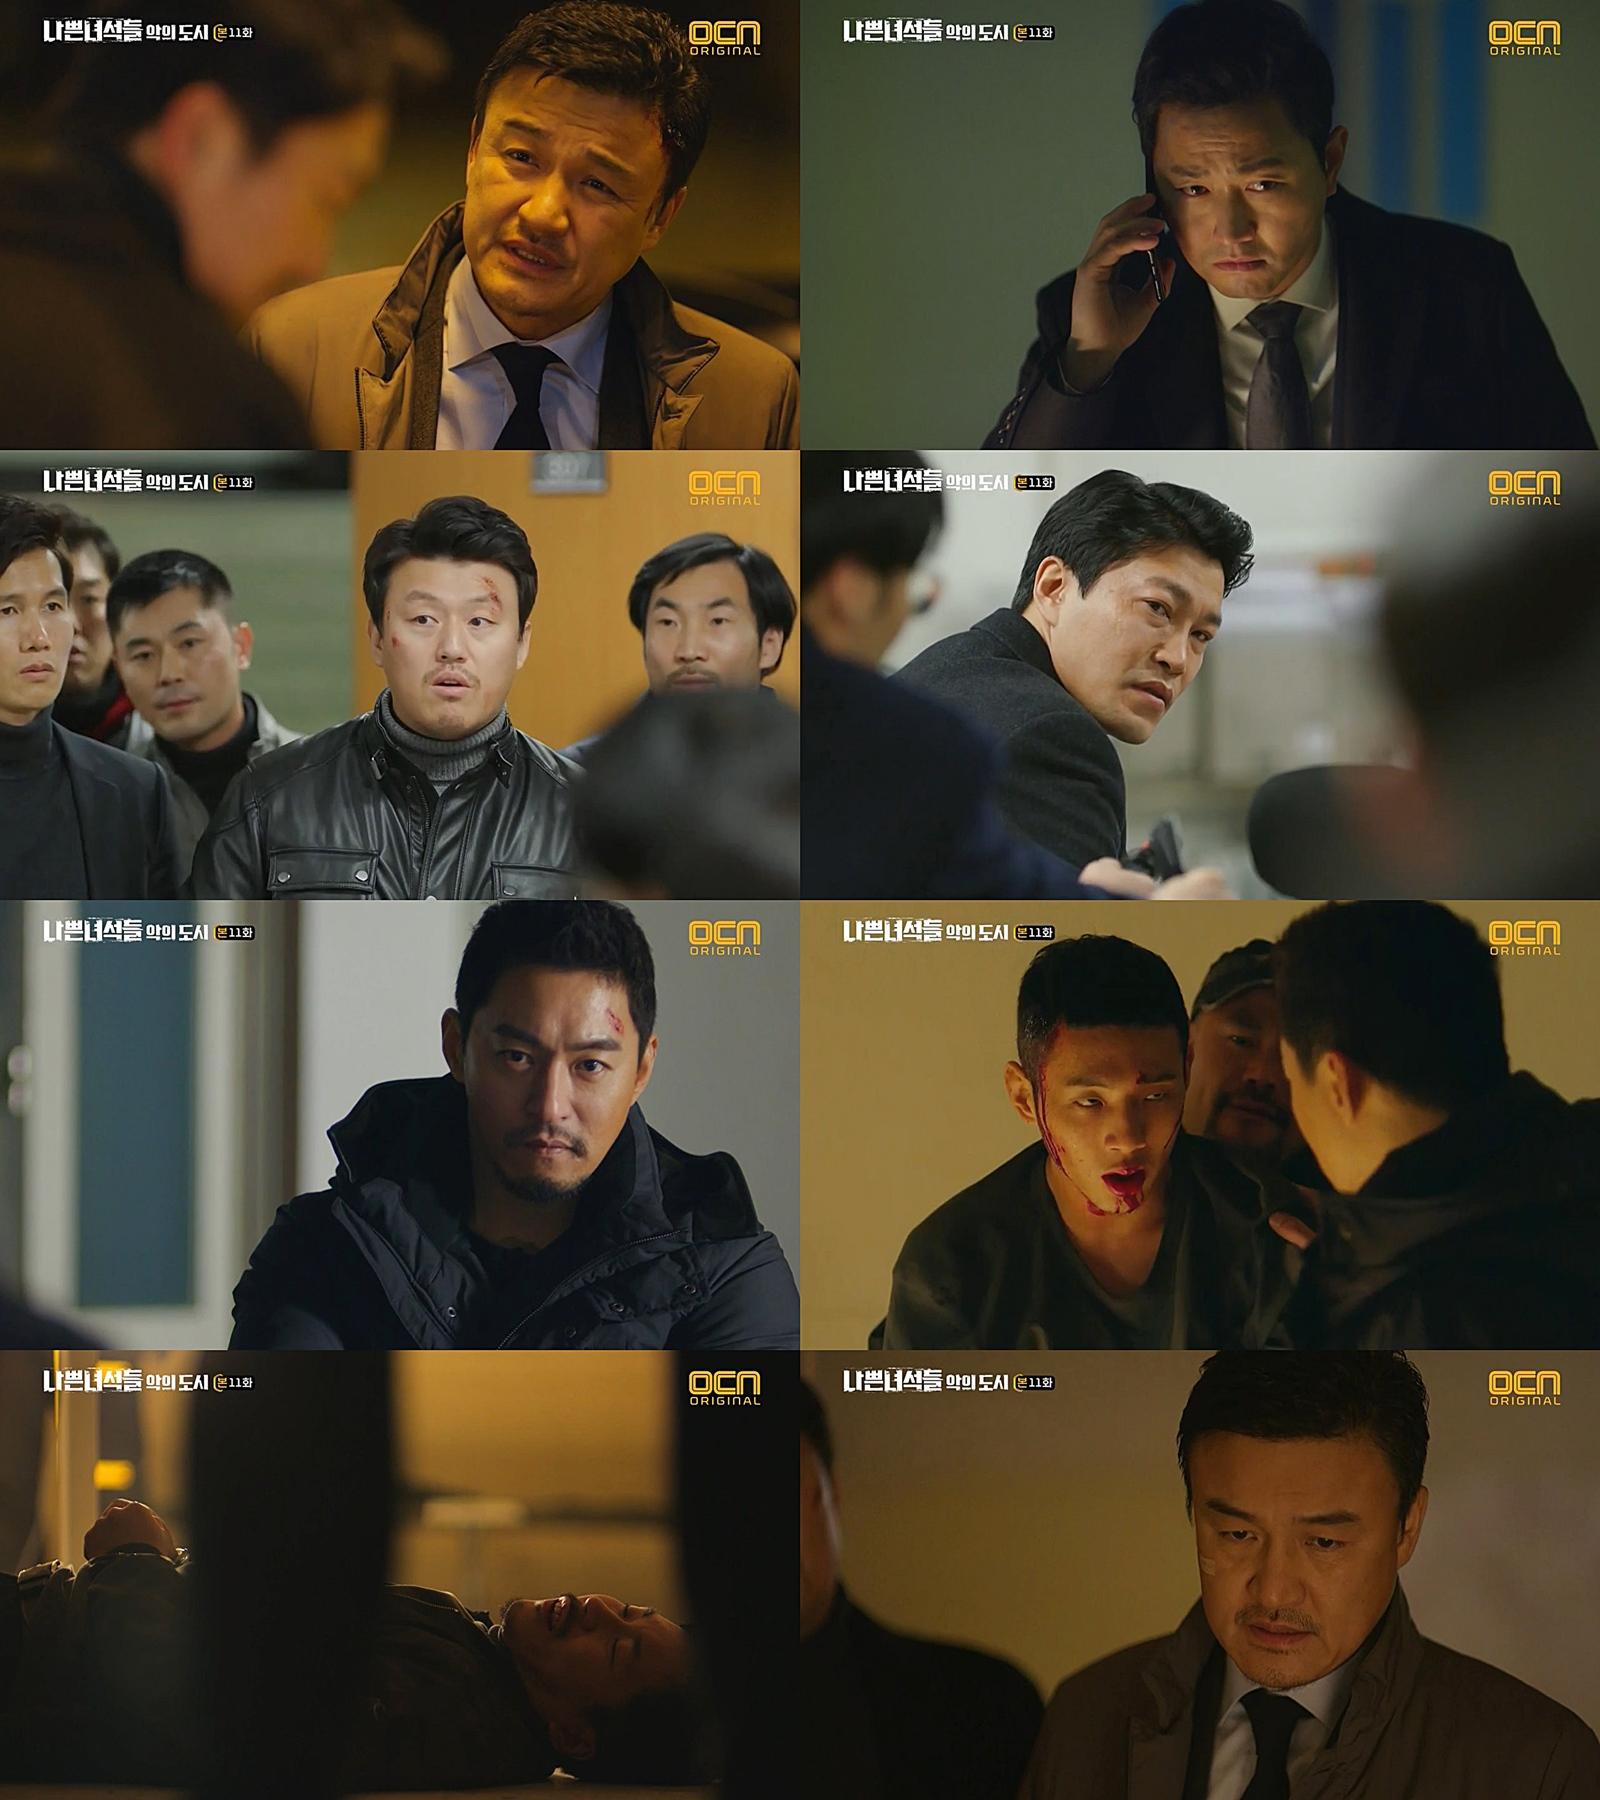 '나쁜녀석들2' 박중훈-주진모의 역습, 양익준-지수 구했다 '반격 시작'